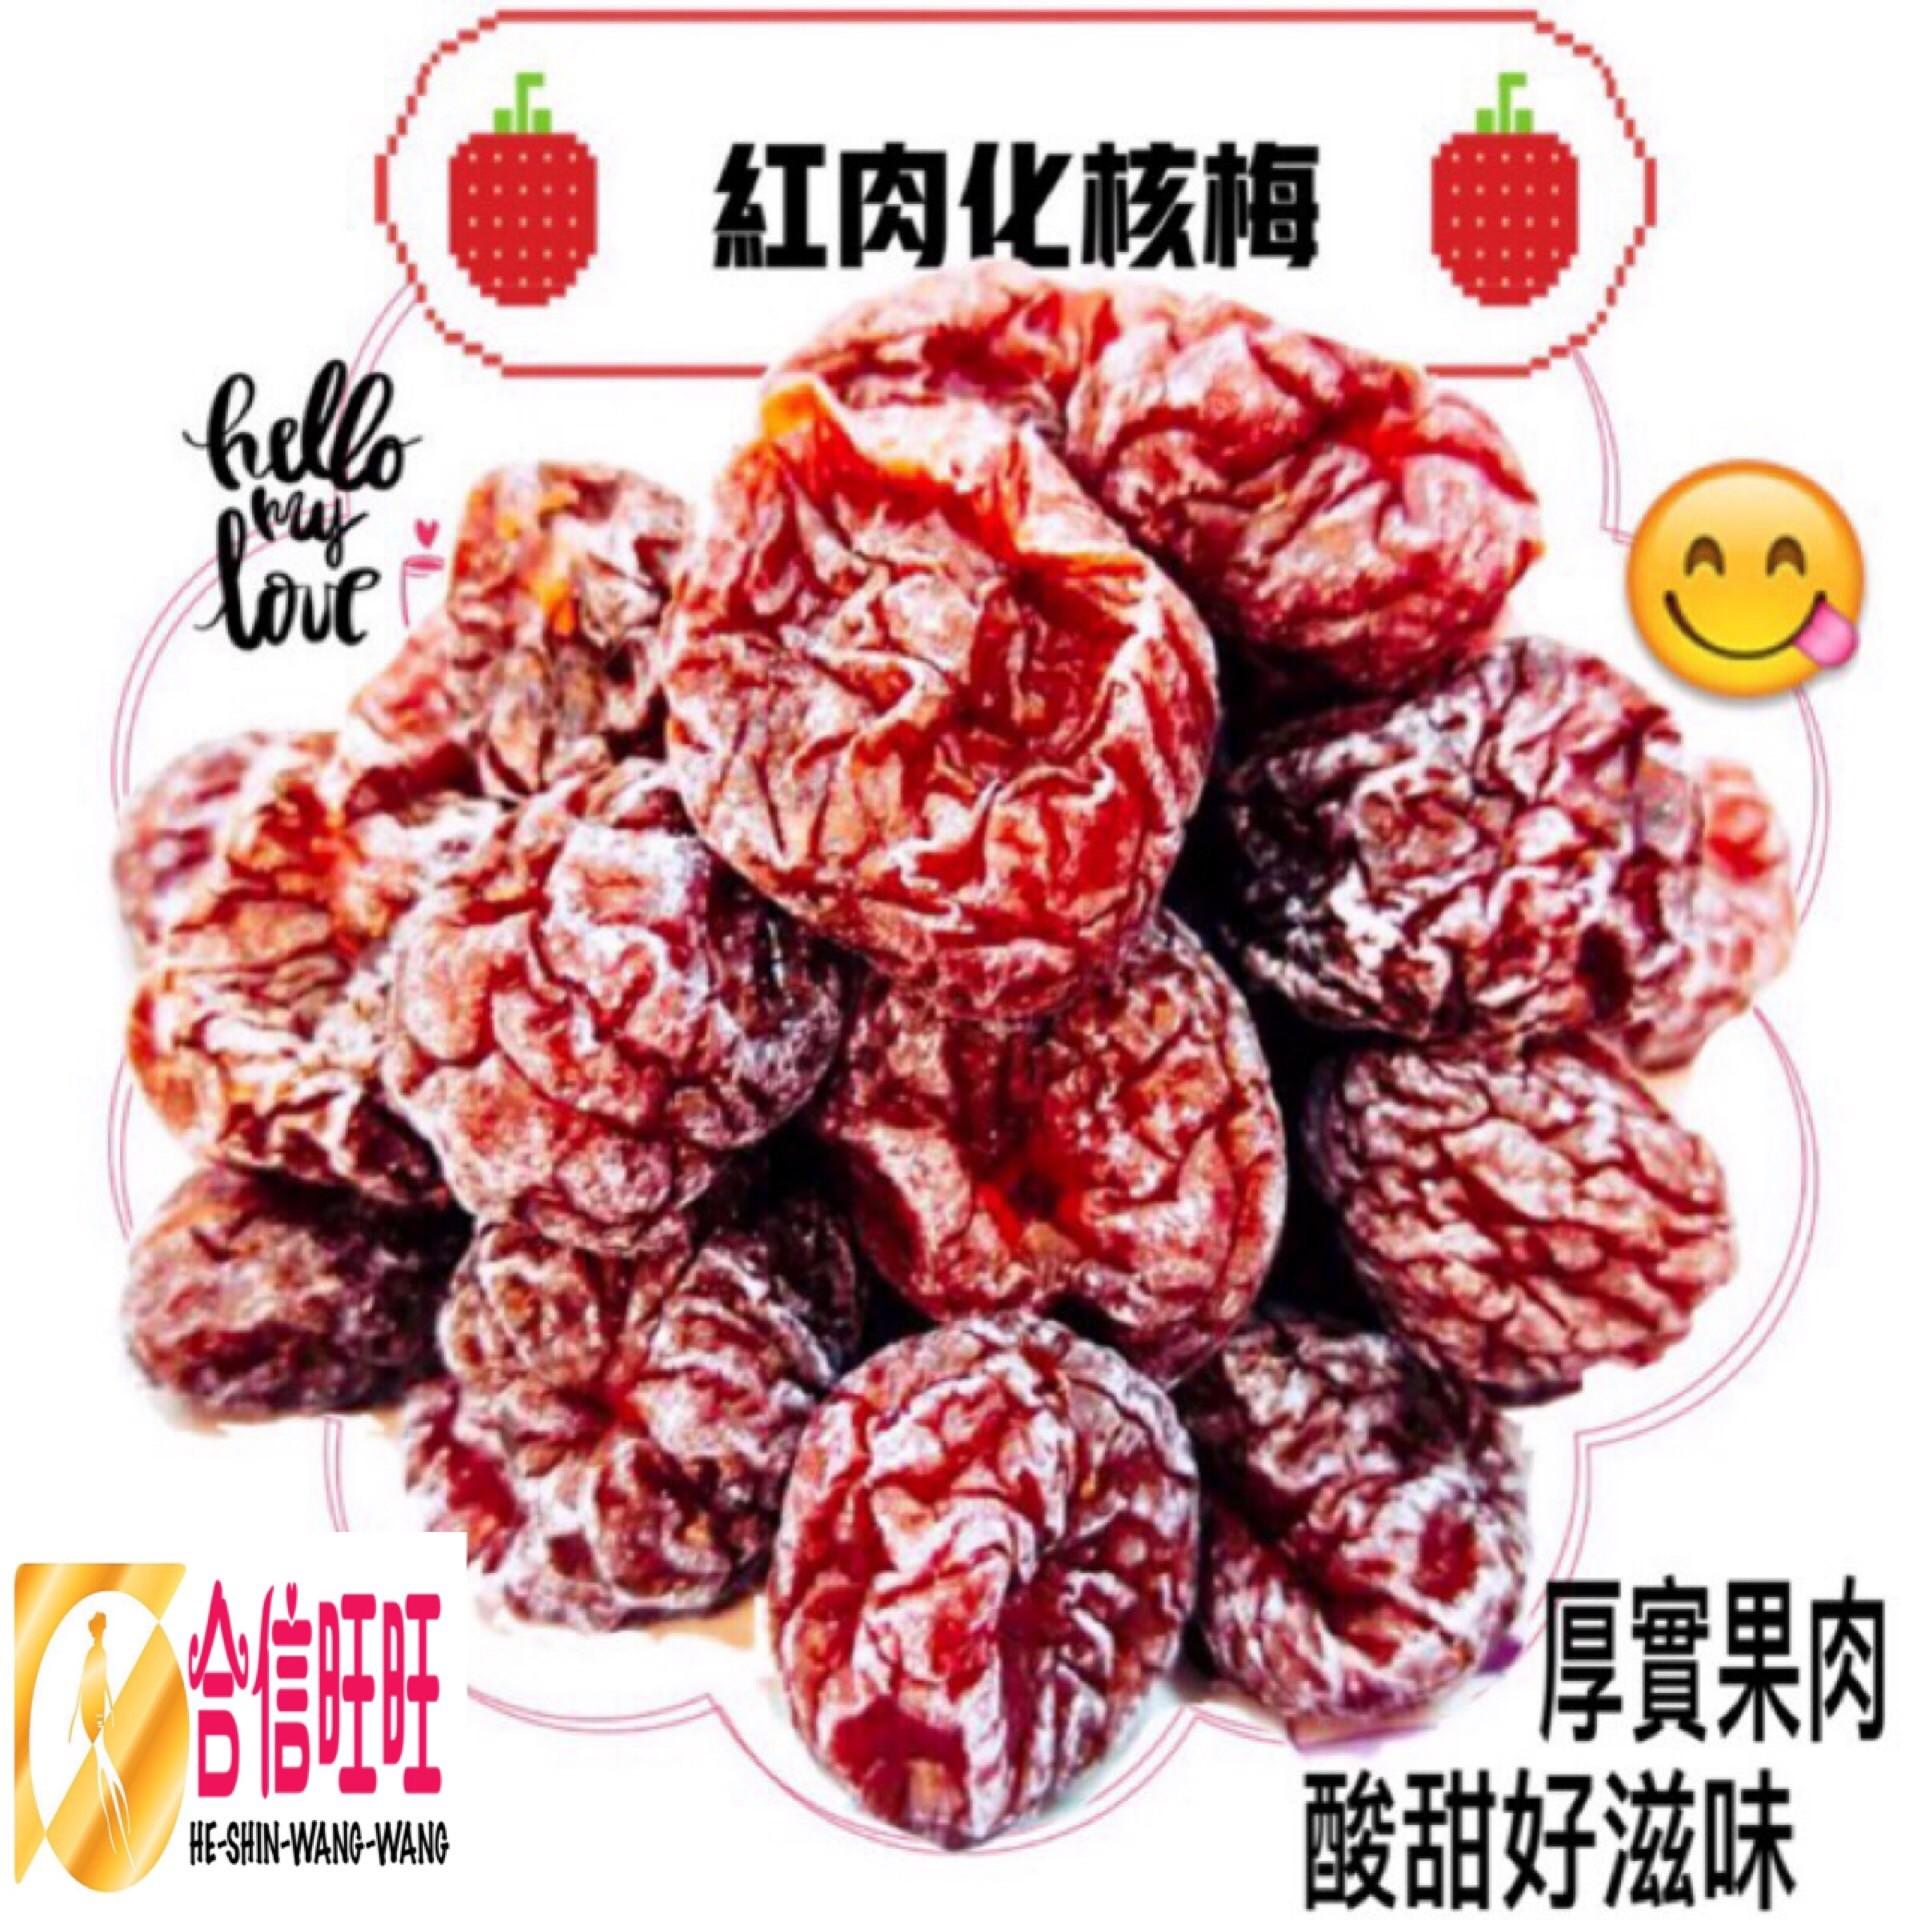 【化核李】紅肉300g╱厚實果肉 口感軟Q